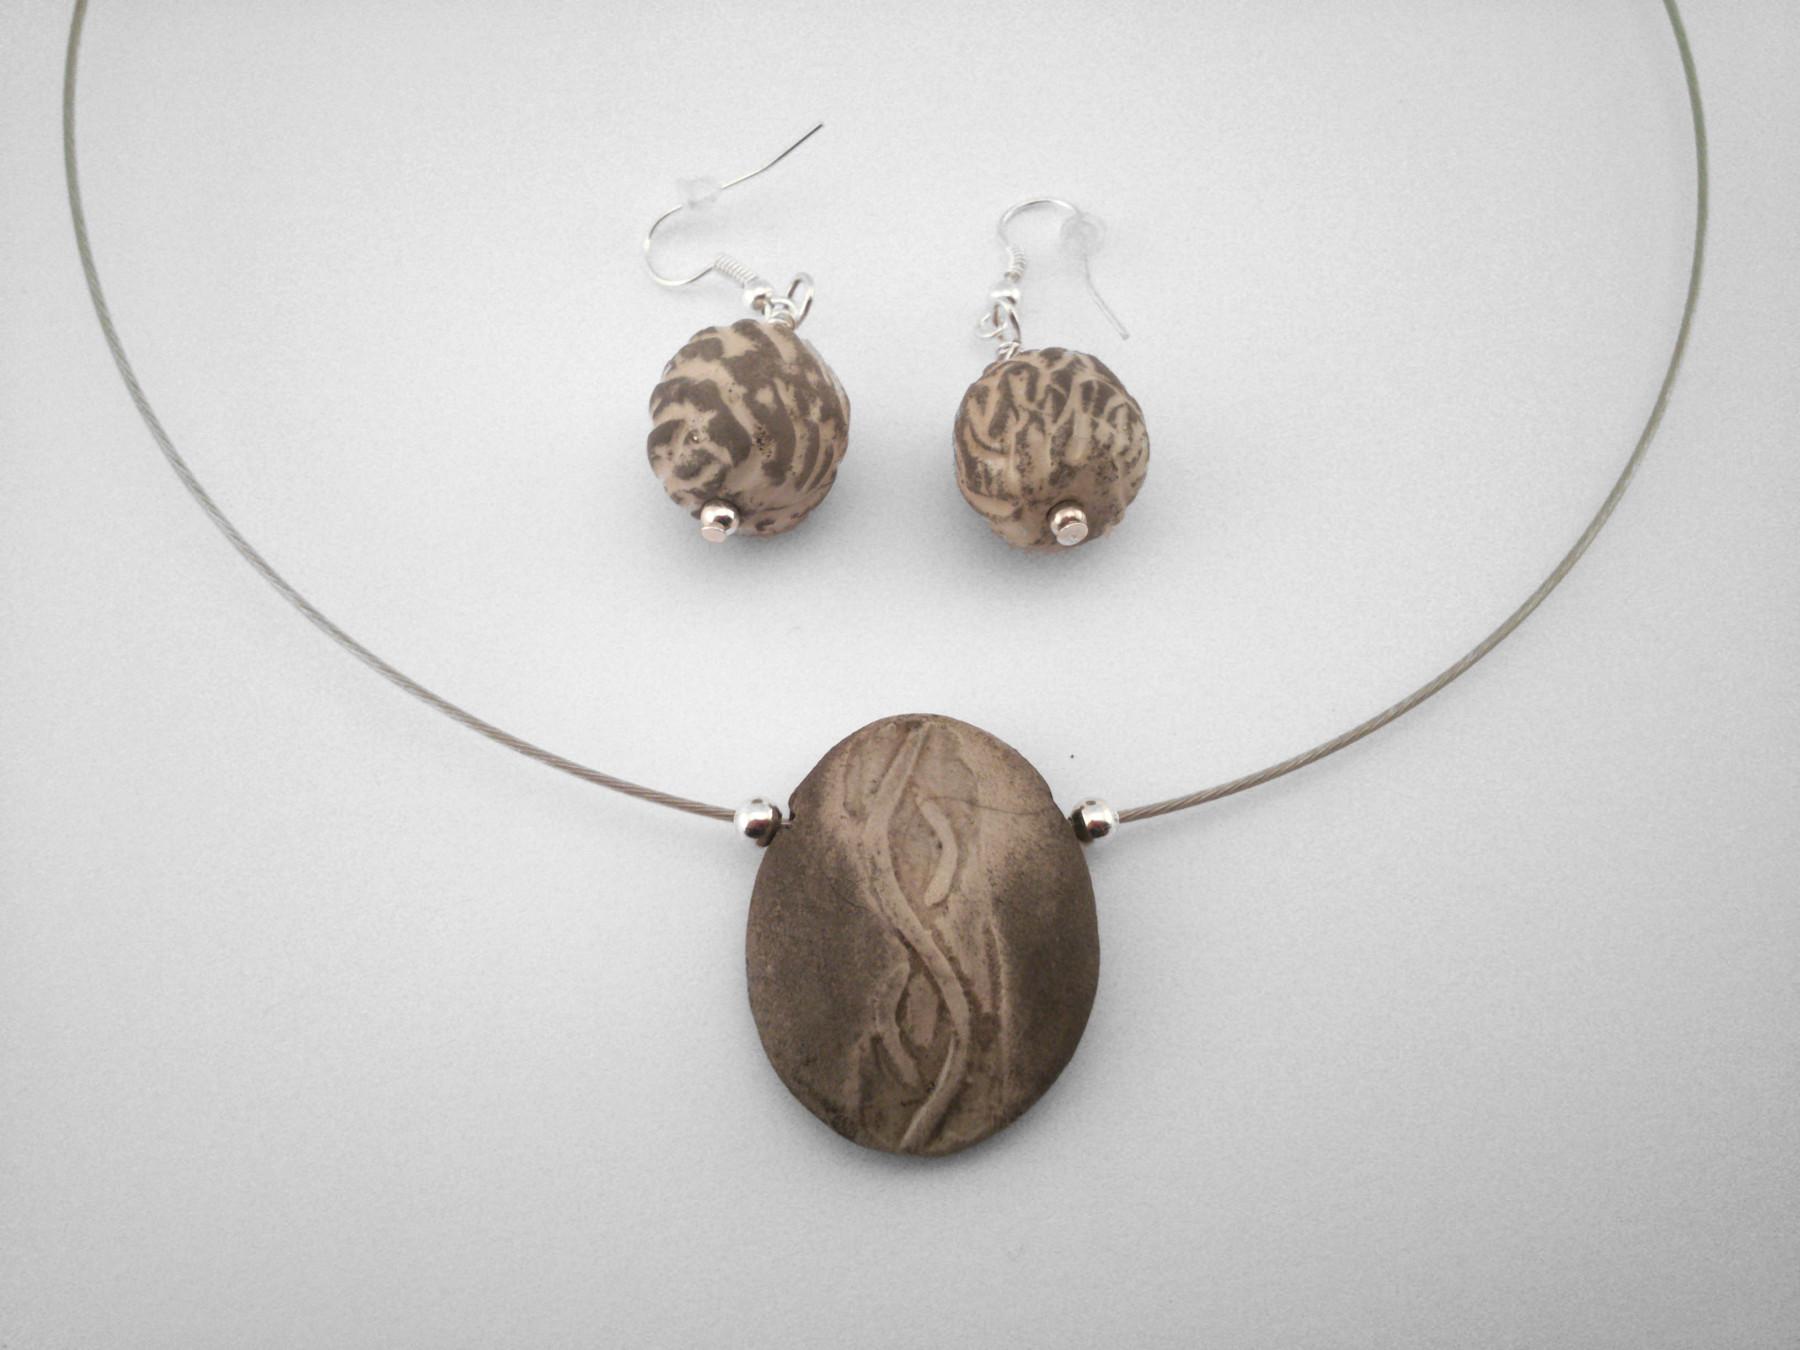 Pebble Medal and Pendants - Ildikó Károlyi